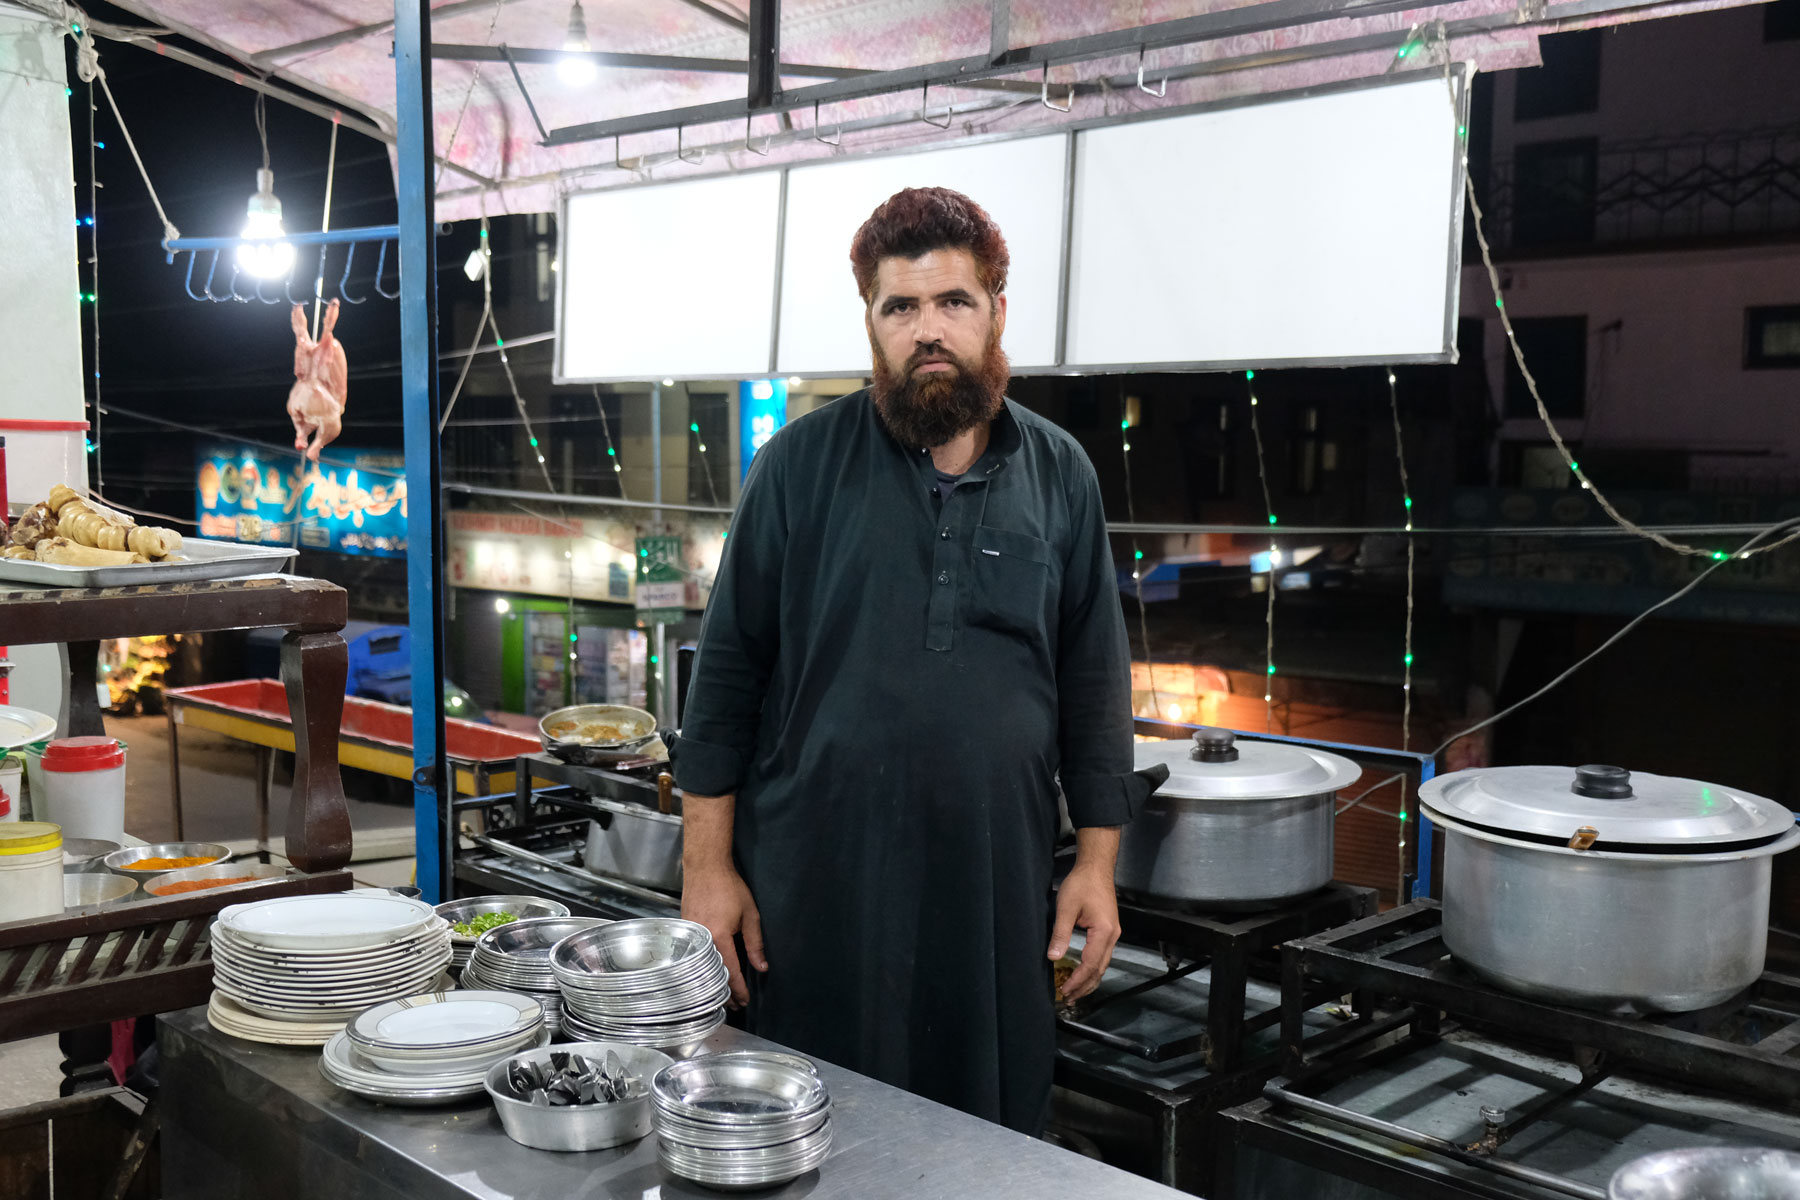 Hier werden wir öfters Essen gehen. Warum der Koch so traurig aussieht? Ohne Kamera in Sichtweite sieht er eigentlich ganz zufrieden aus... Und kochen kann er sehr gut! :-)